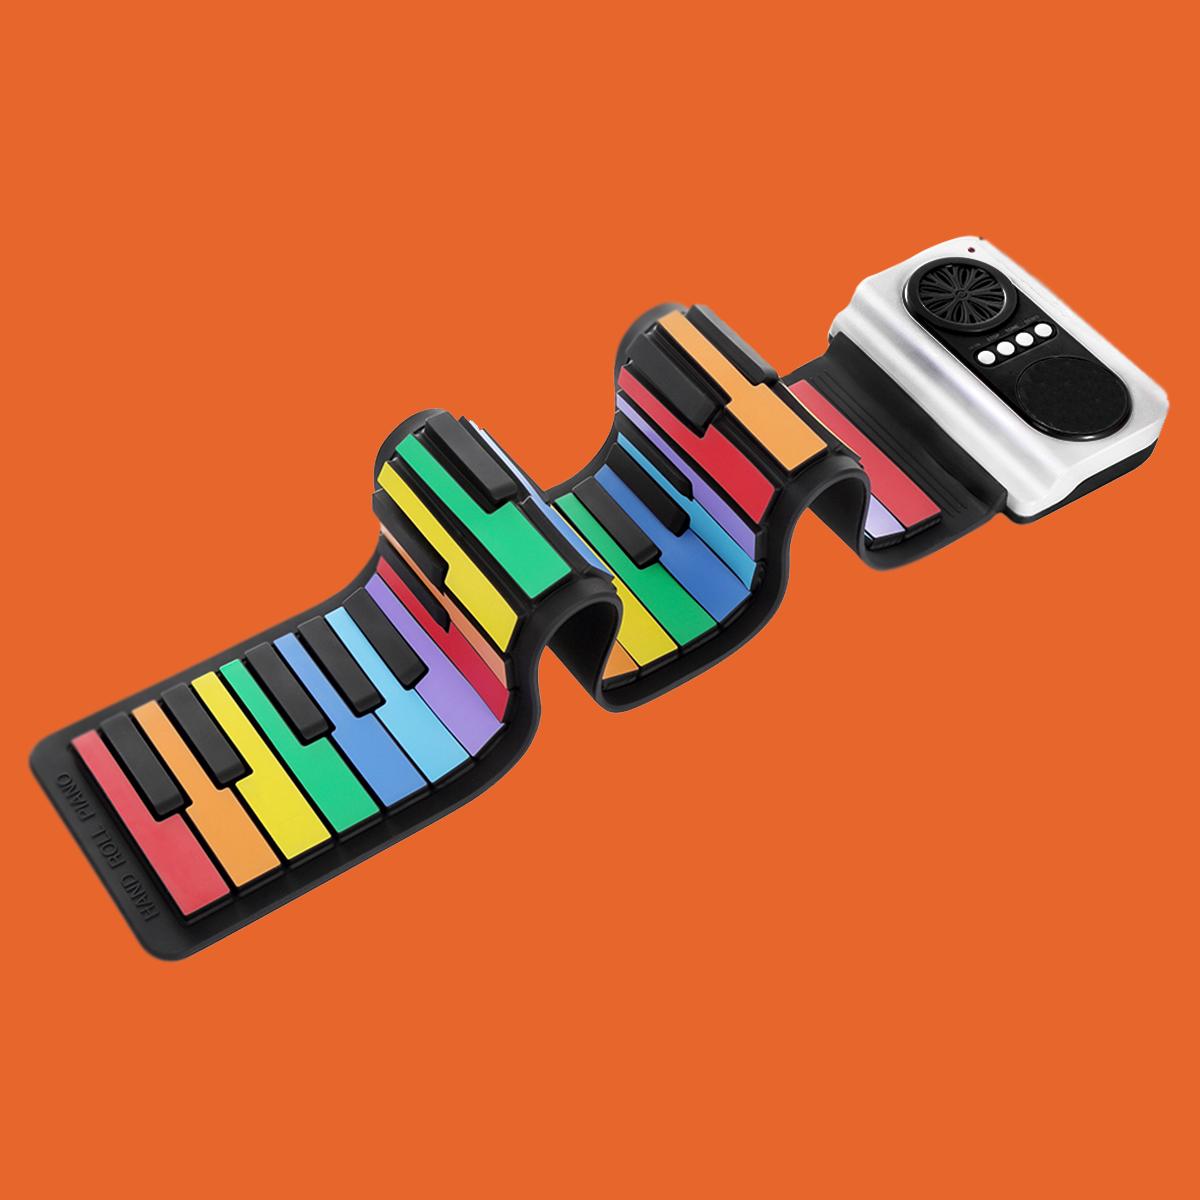 Гибкие пианино купить в интернет-магазине zabava-shop.by